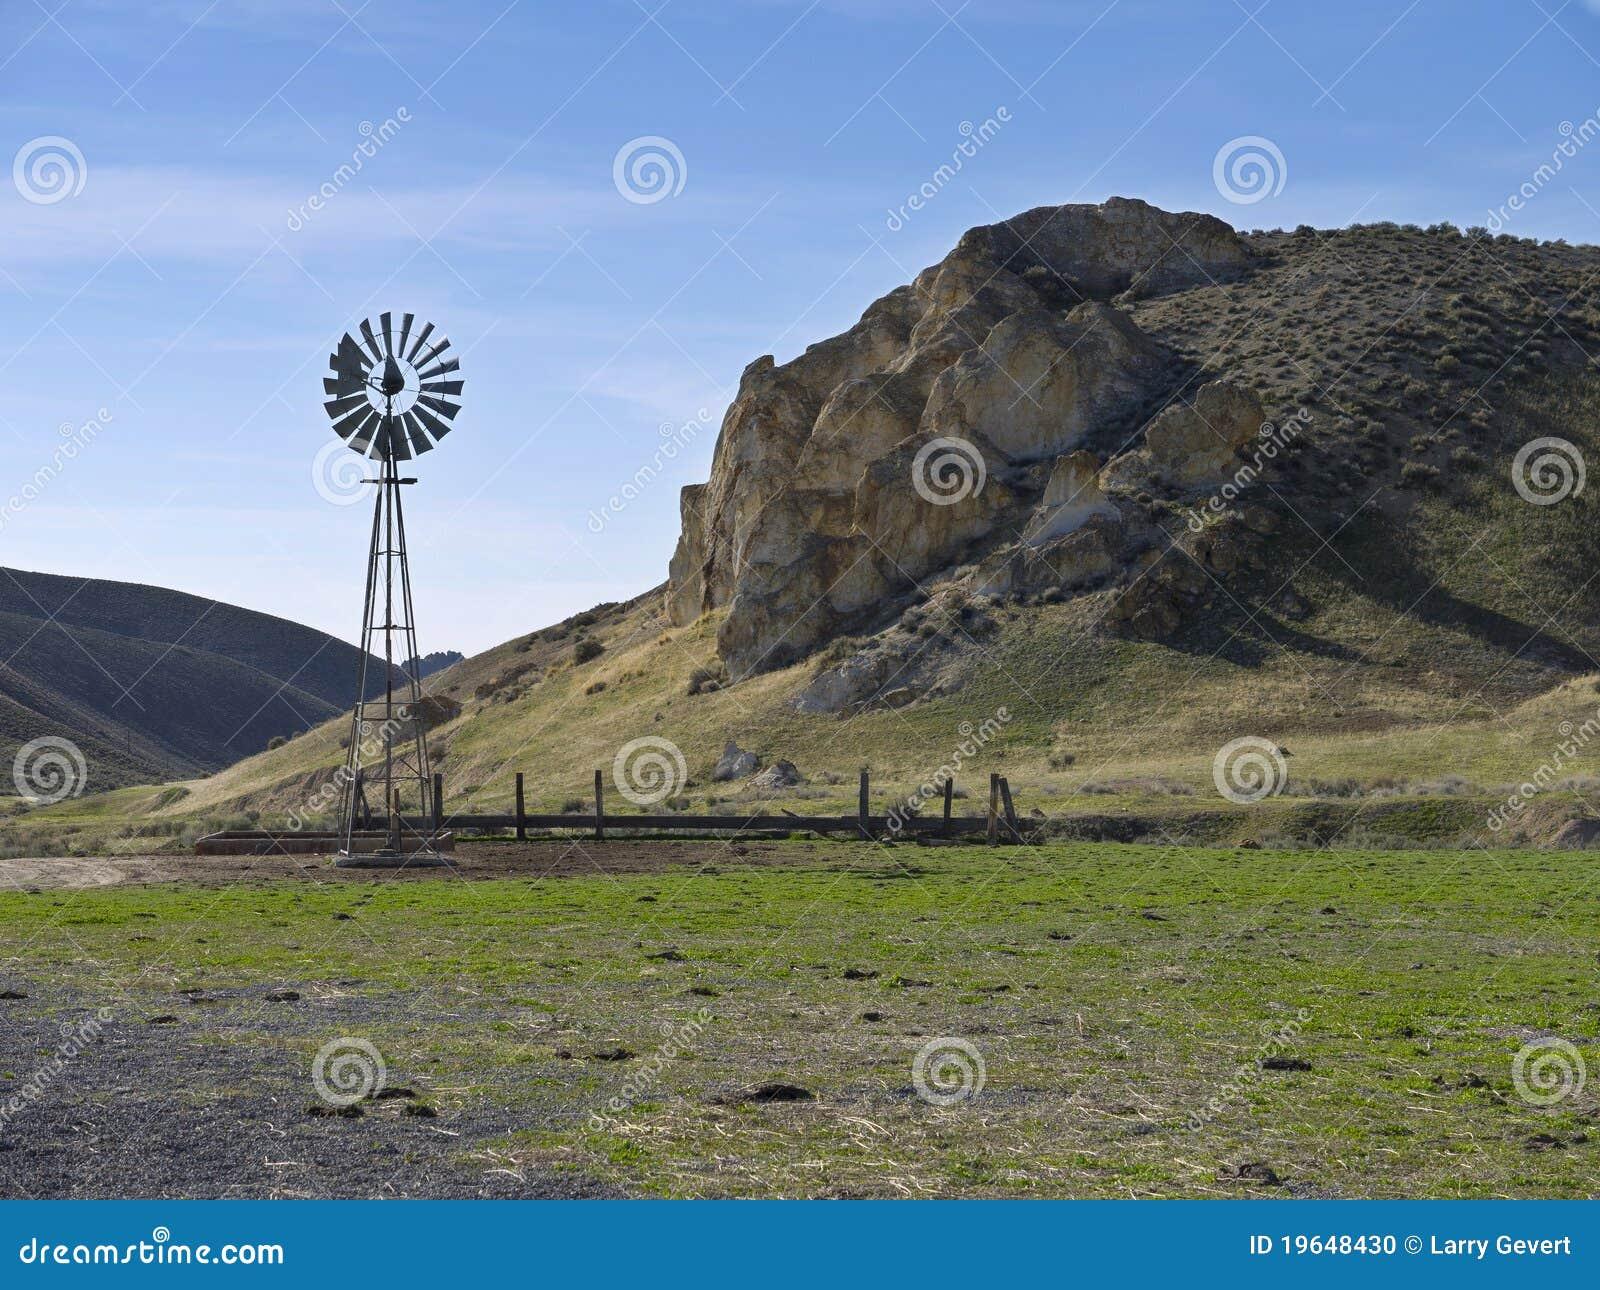 Windmühle auf einer szenischen Ranch